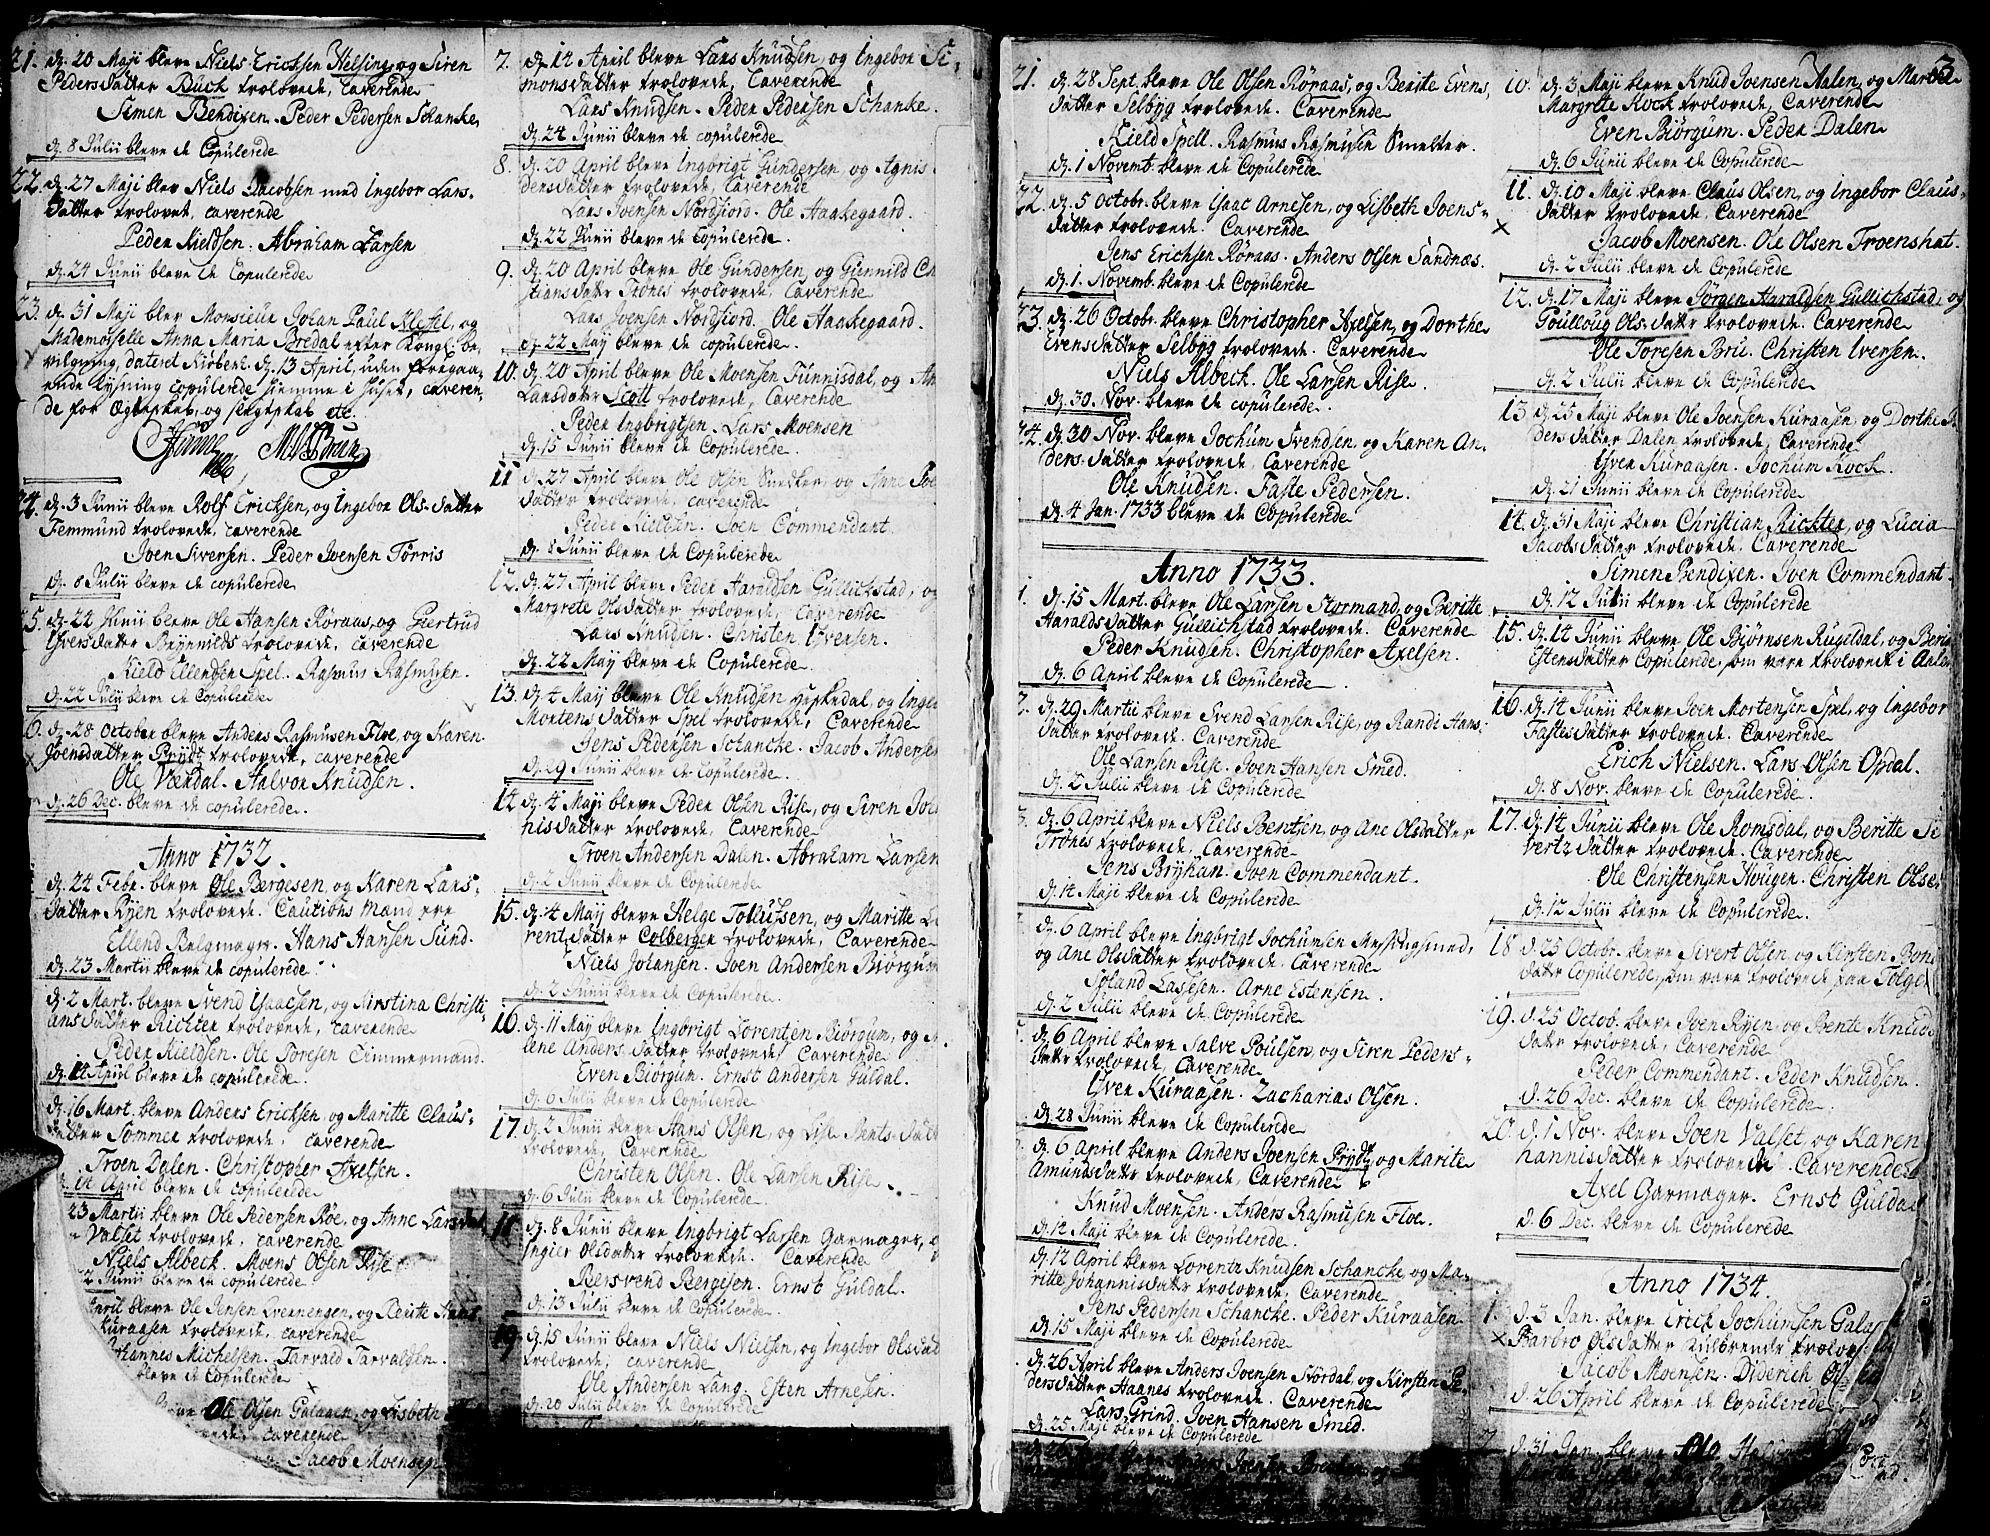 SAT, Ministerialprotokoller, klokkerbøker og fødselsregistre - Sør-Trøndelag, 681/L0925: Ministerialbok nr. 681A03, 1727-1766, s. 3